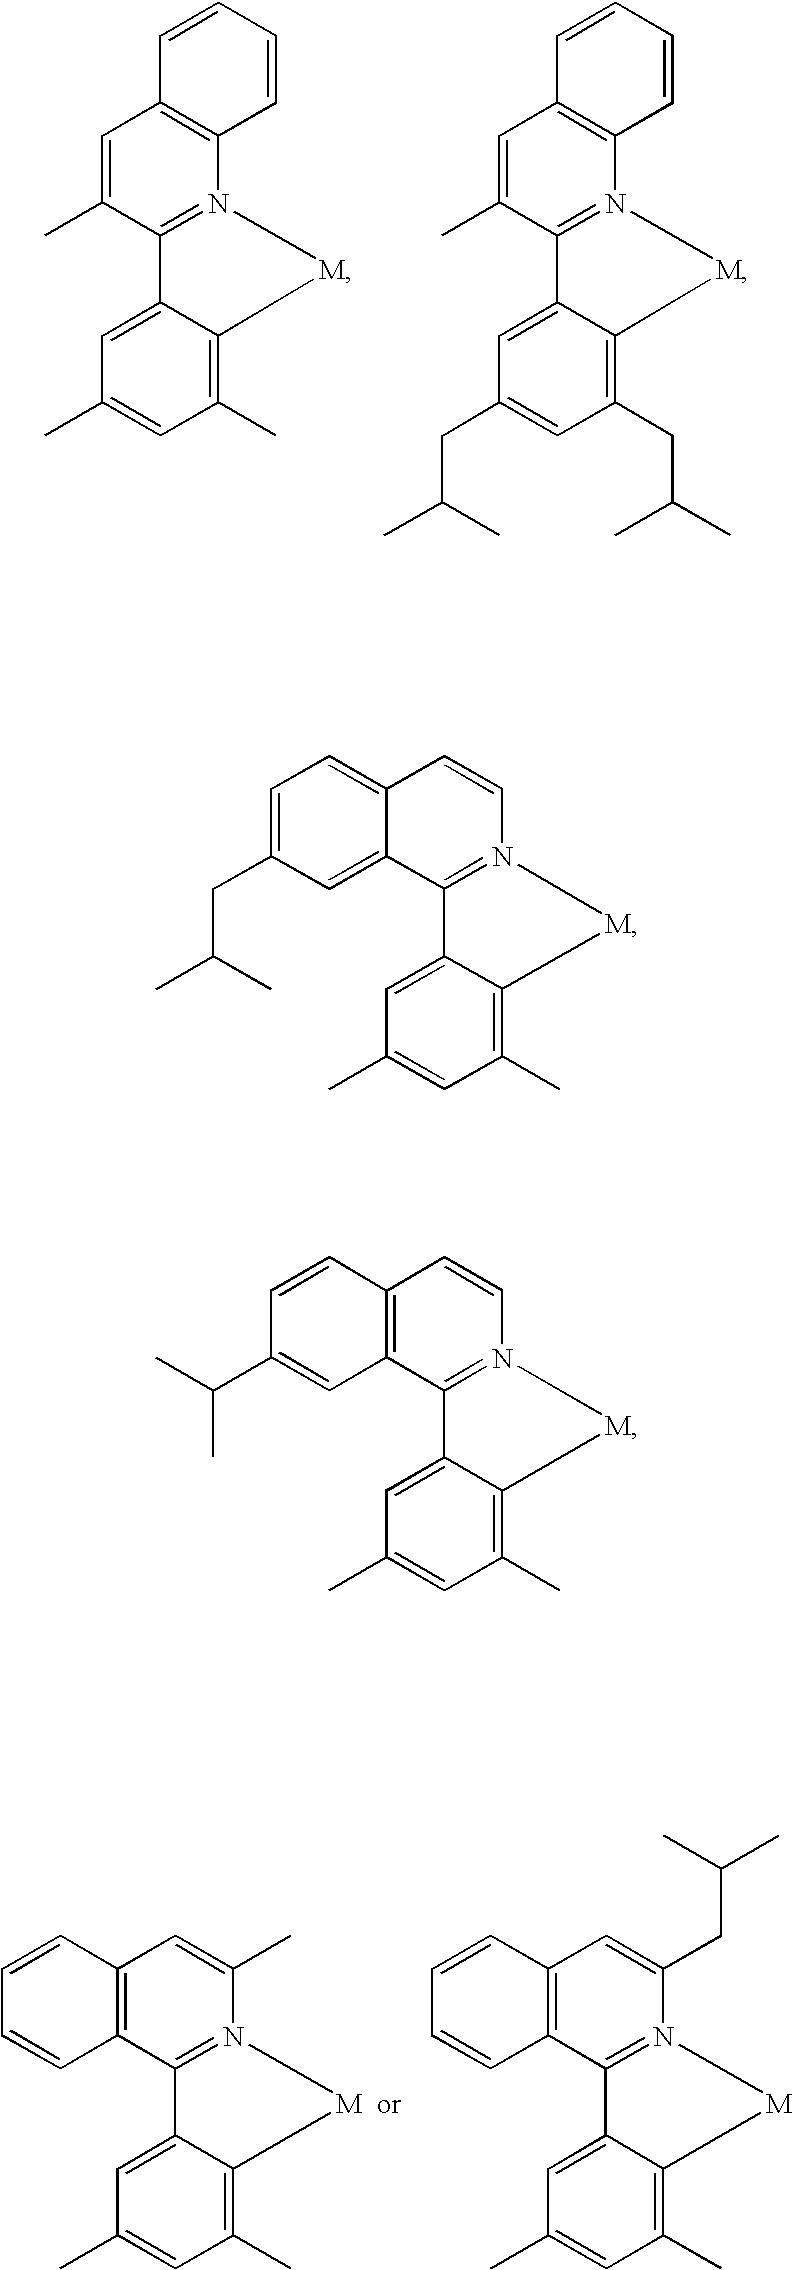 Figure US20100090591A1-20100415-C00035